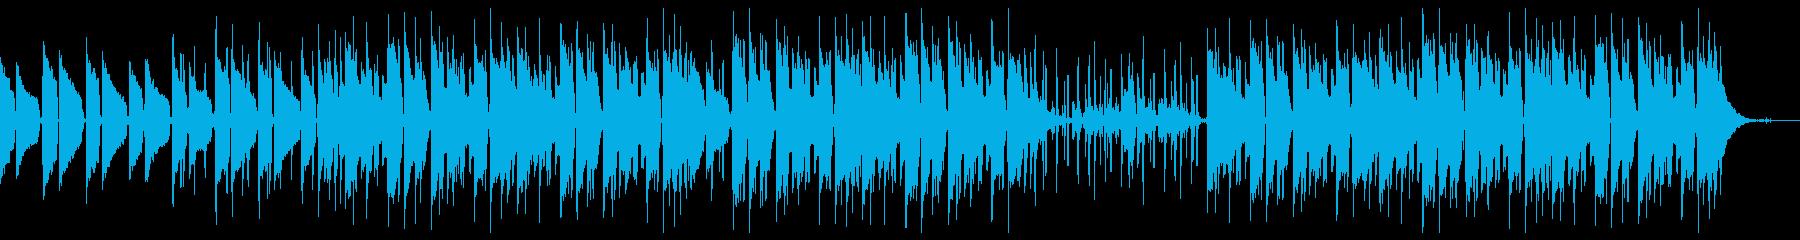 ローファイチルホップ ネオソウルギターの再生済みの波形